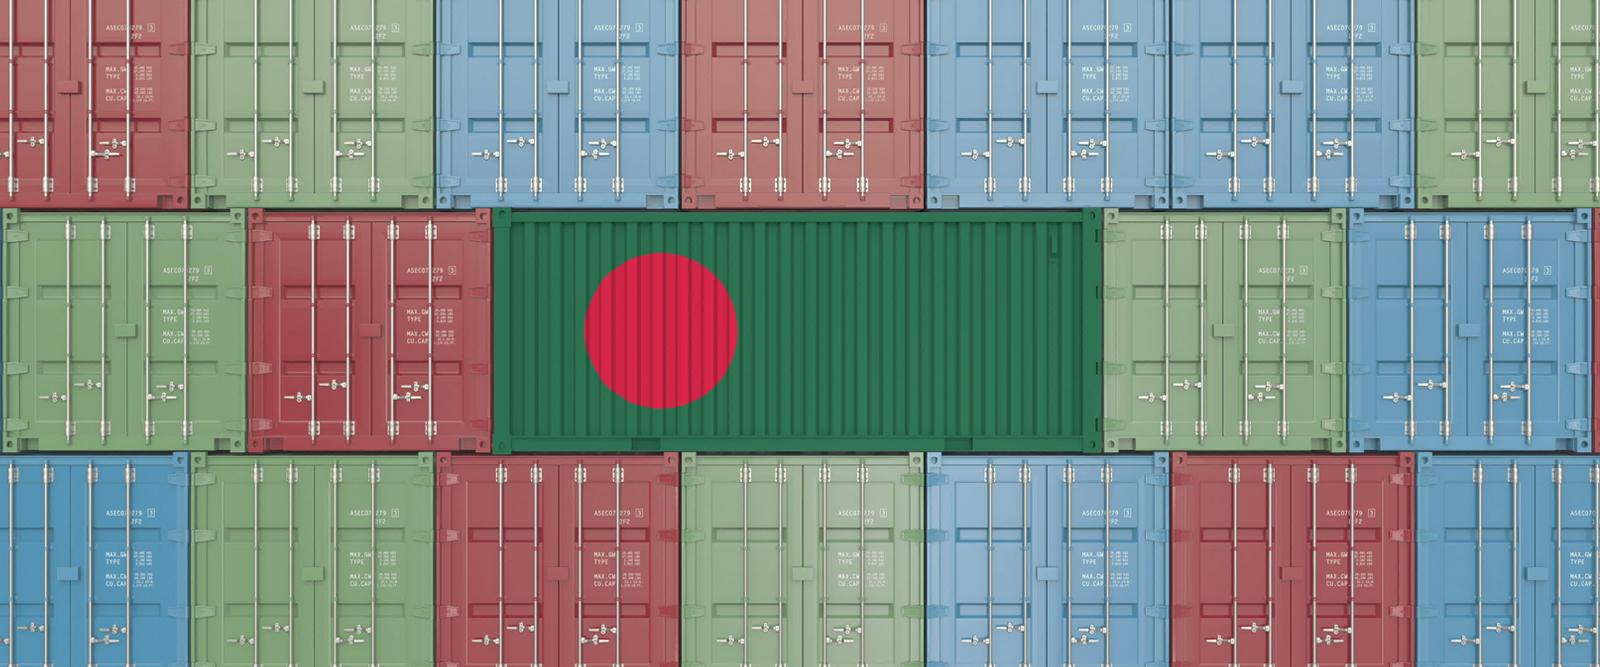 Des conteneurs empilés les uns sur les autres, dont un avec le drapeau du Bangladesh